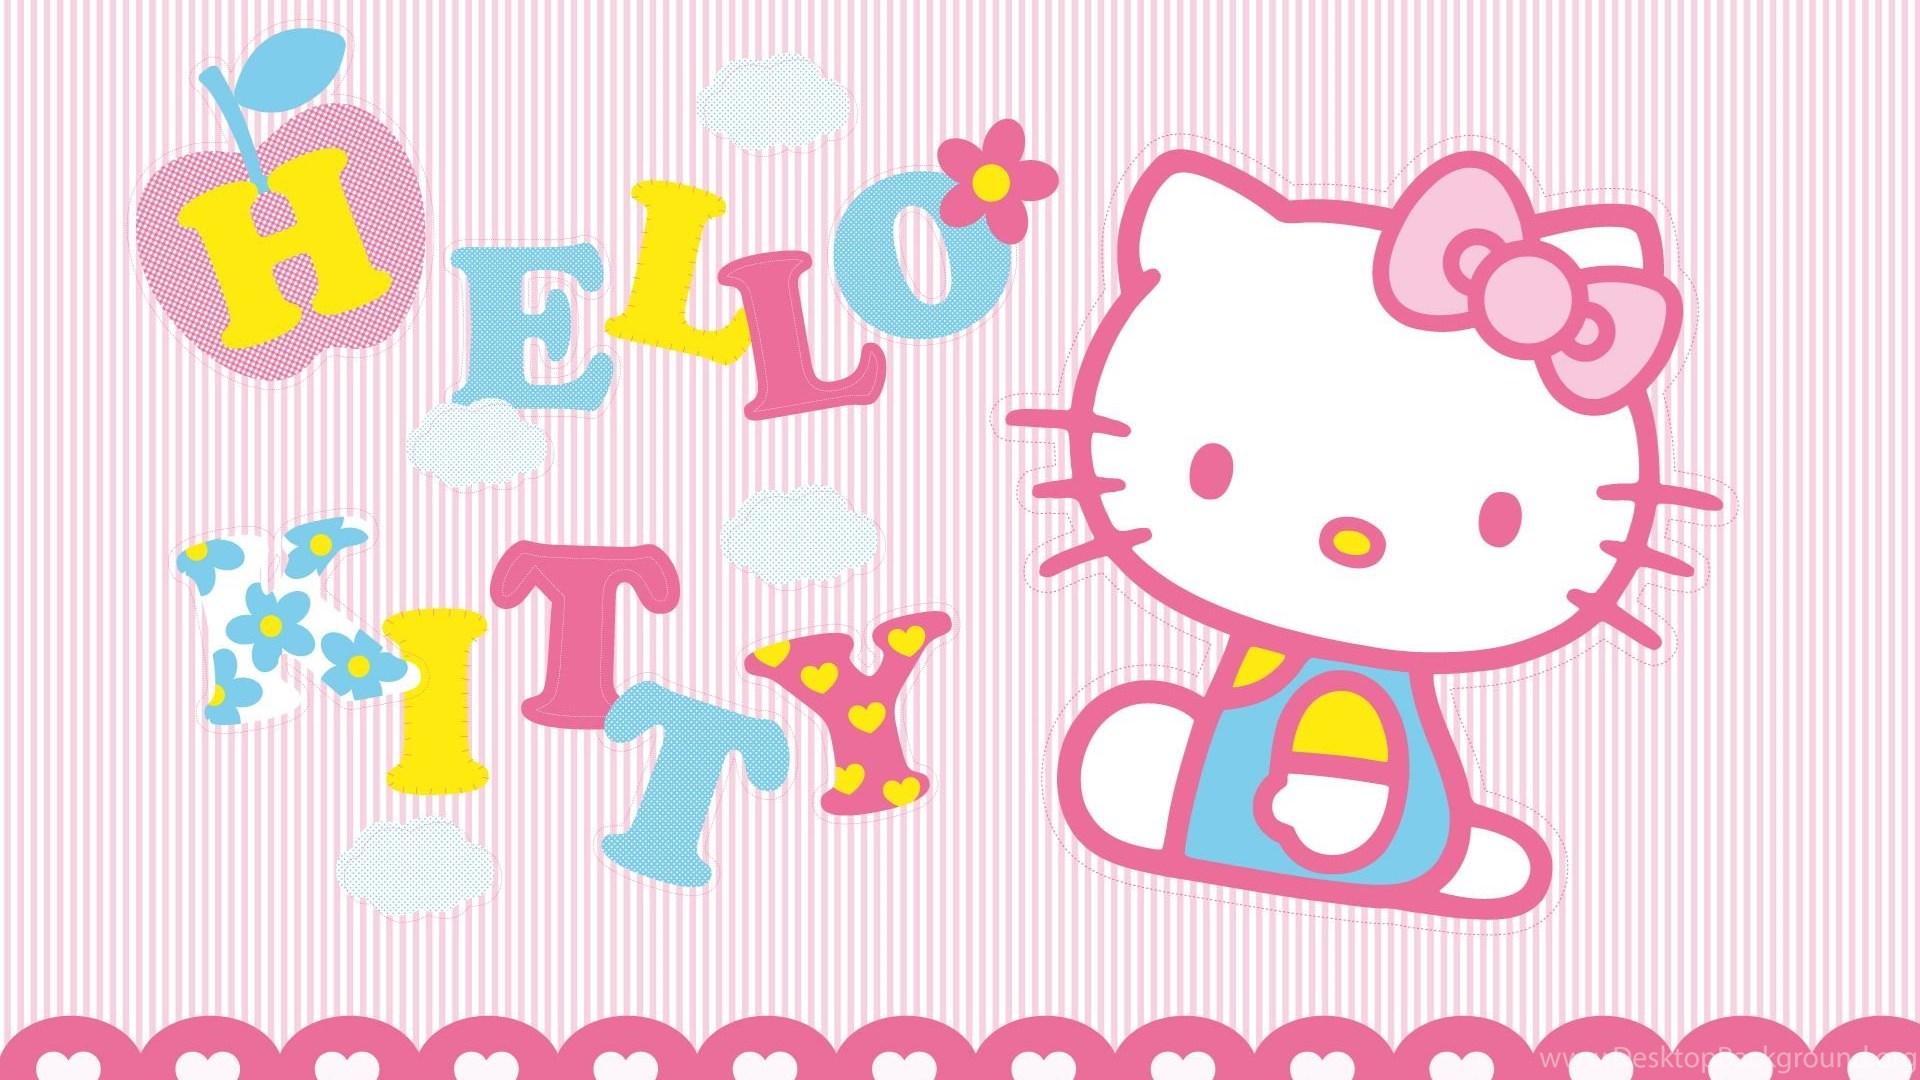 Hello Kitty Wallpaper Full High Resolution.jpg Desktop Background